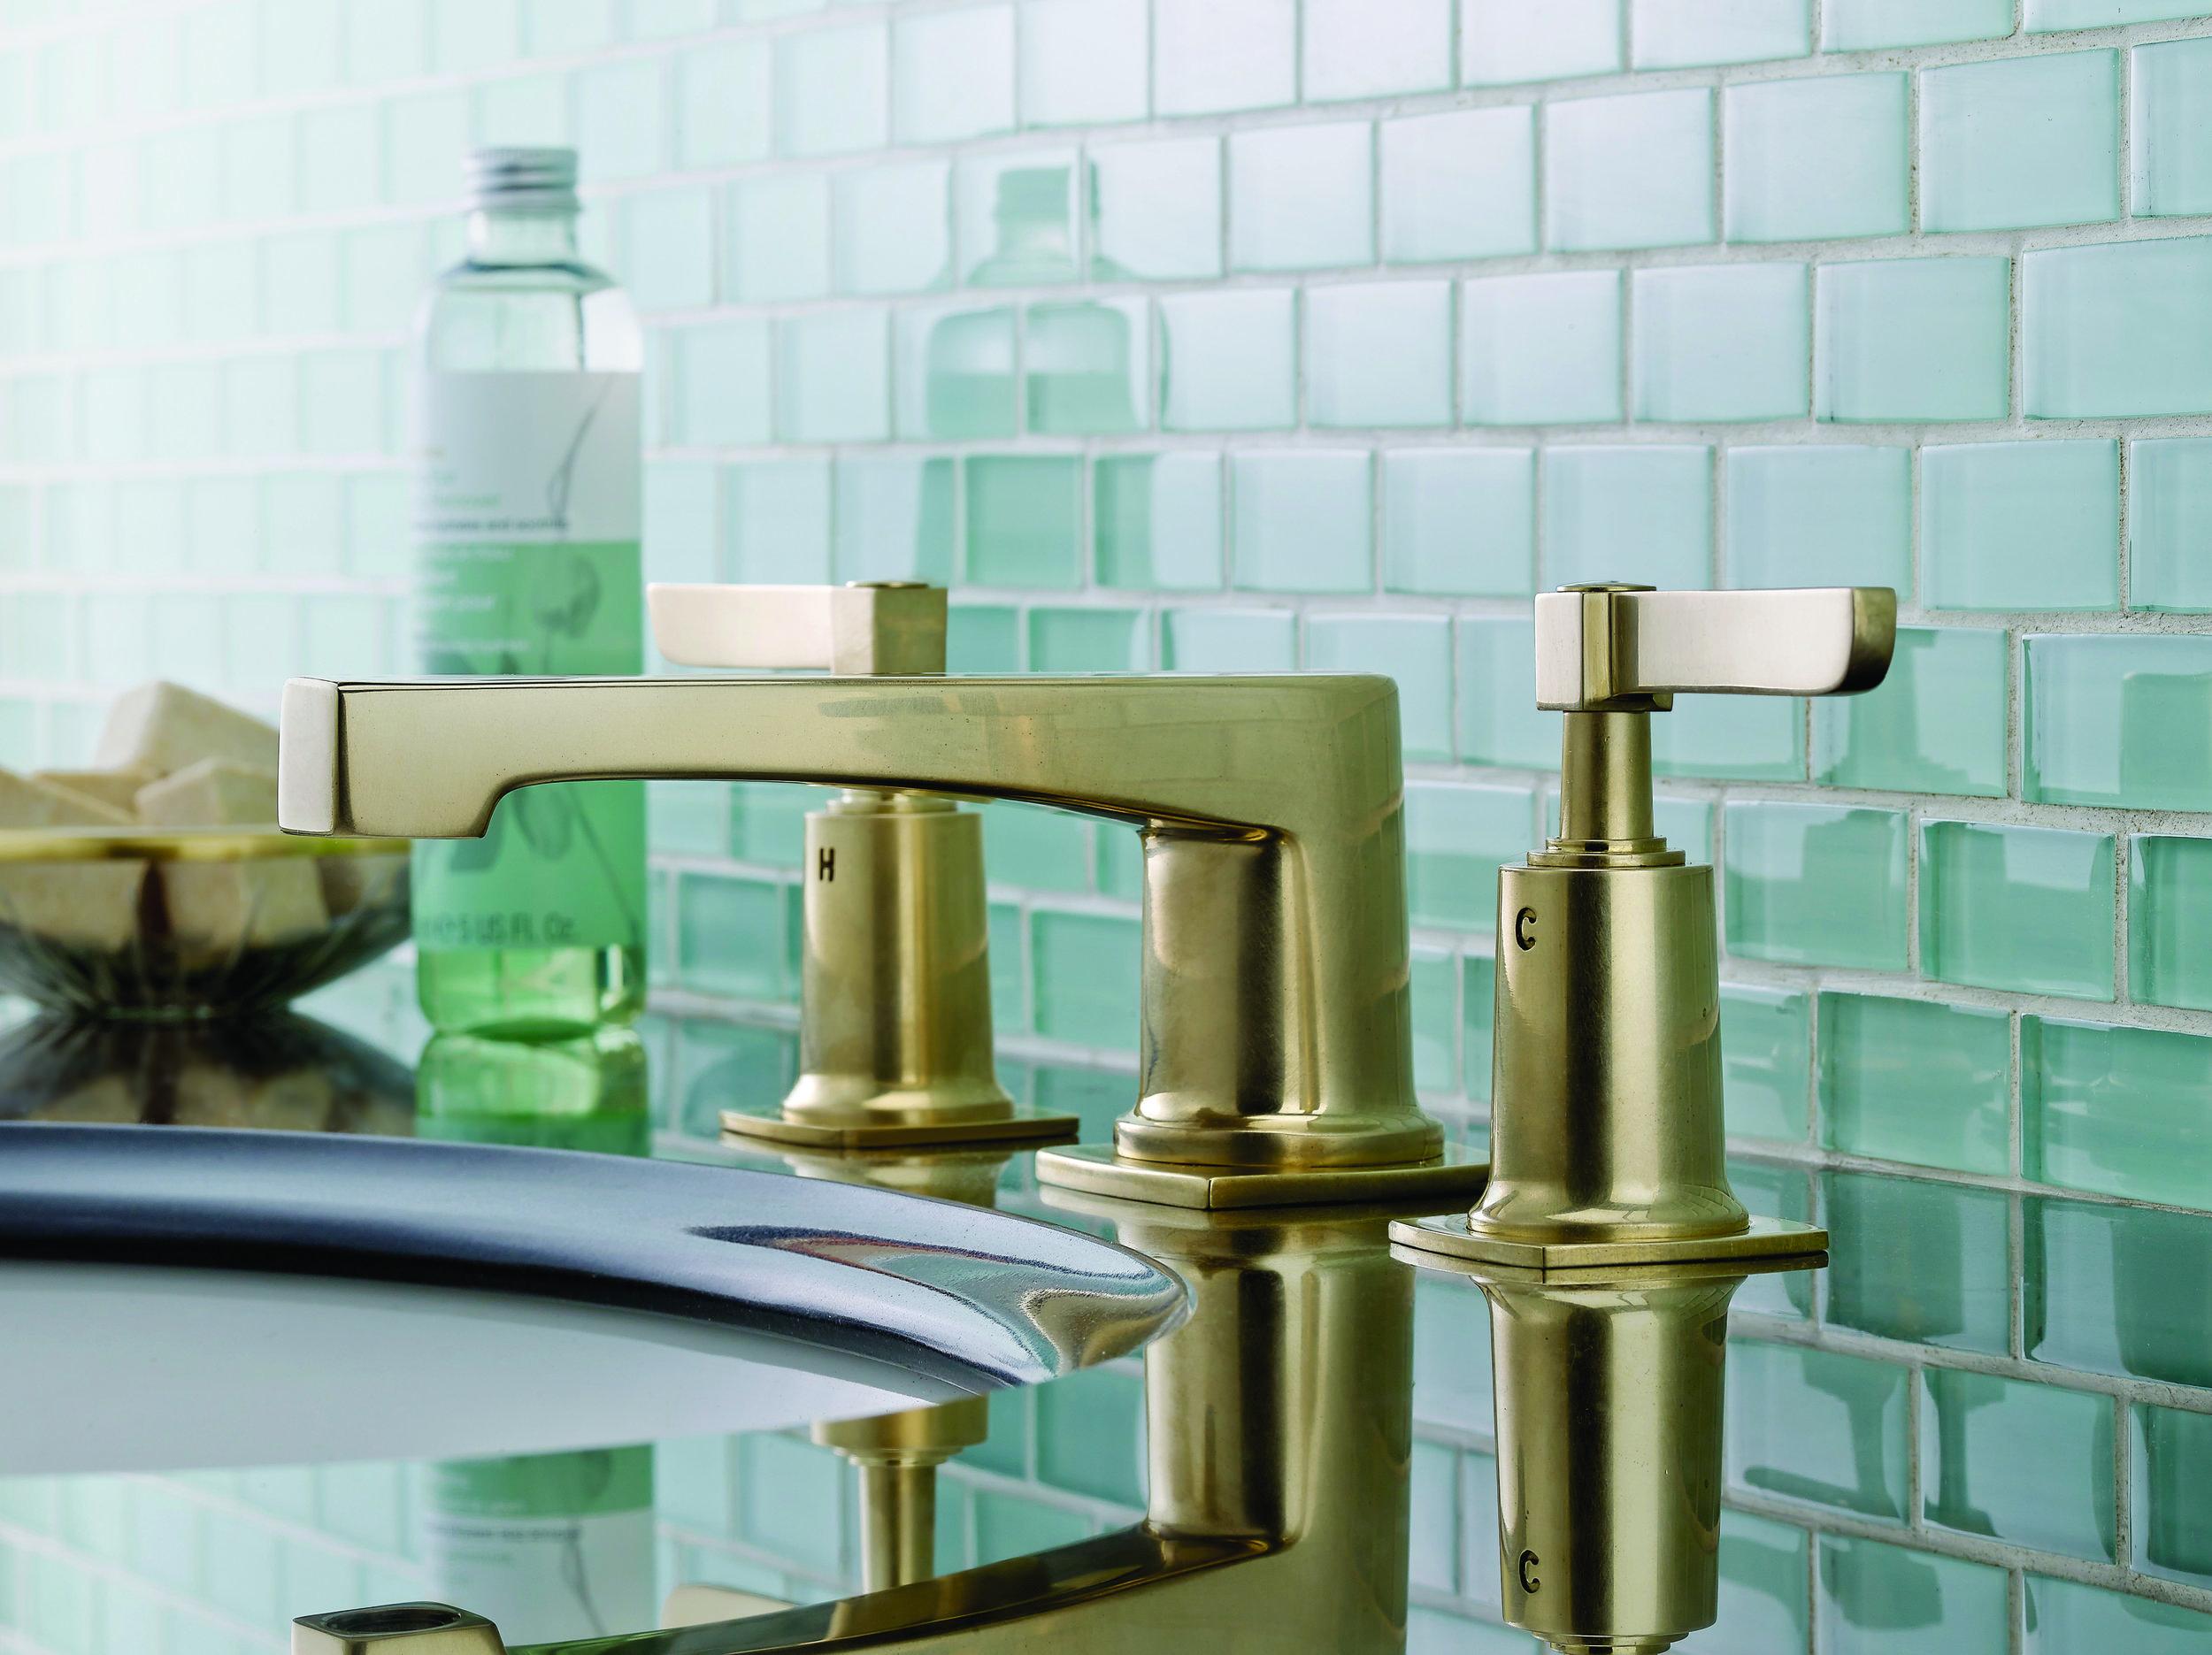 H-Line Brass lav faucet final.jpg